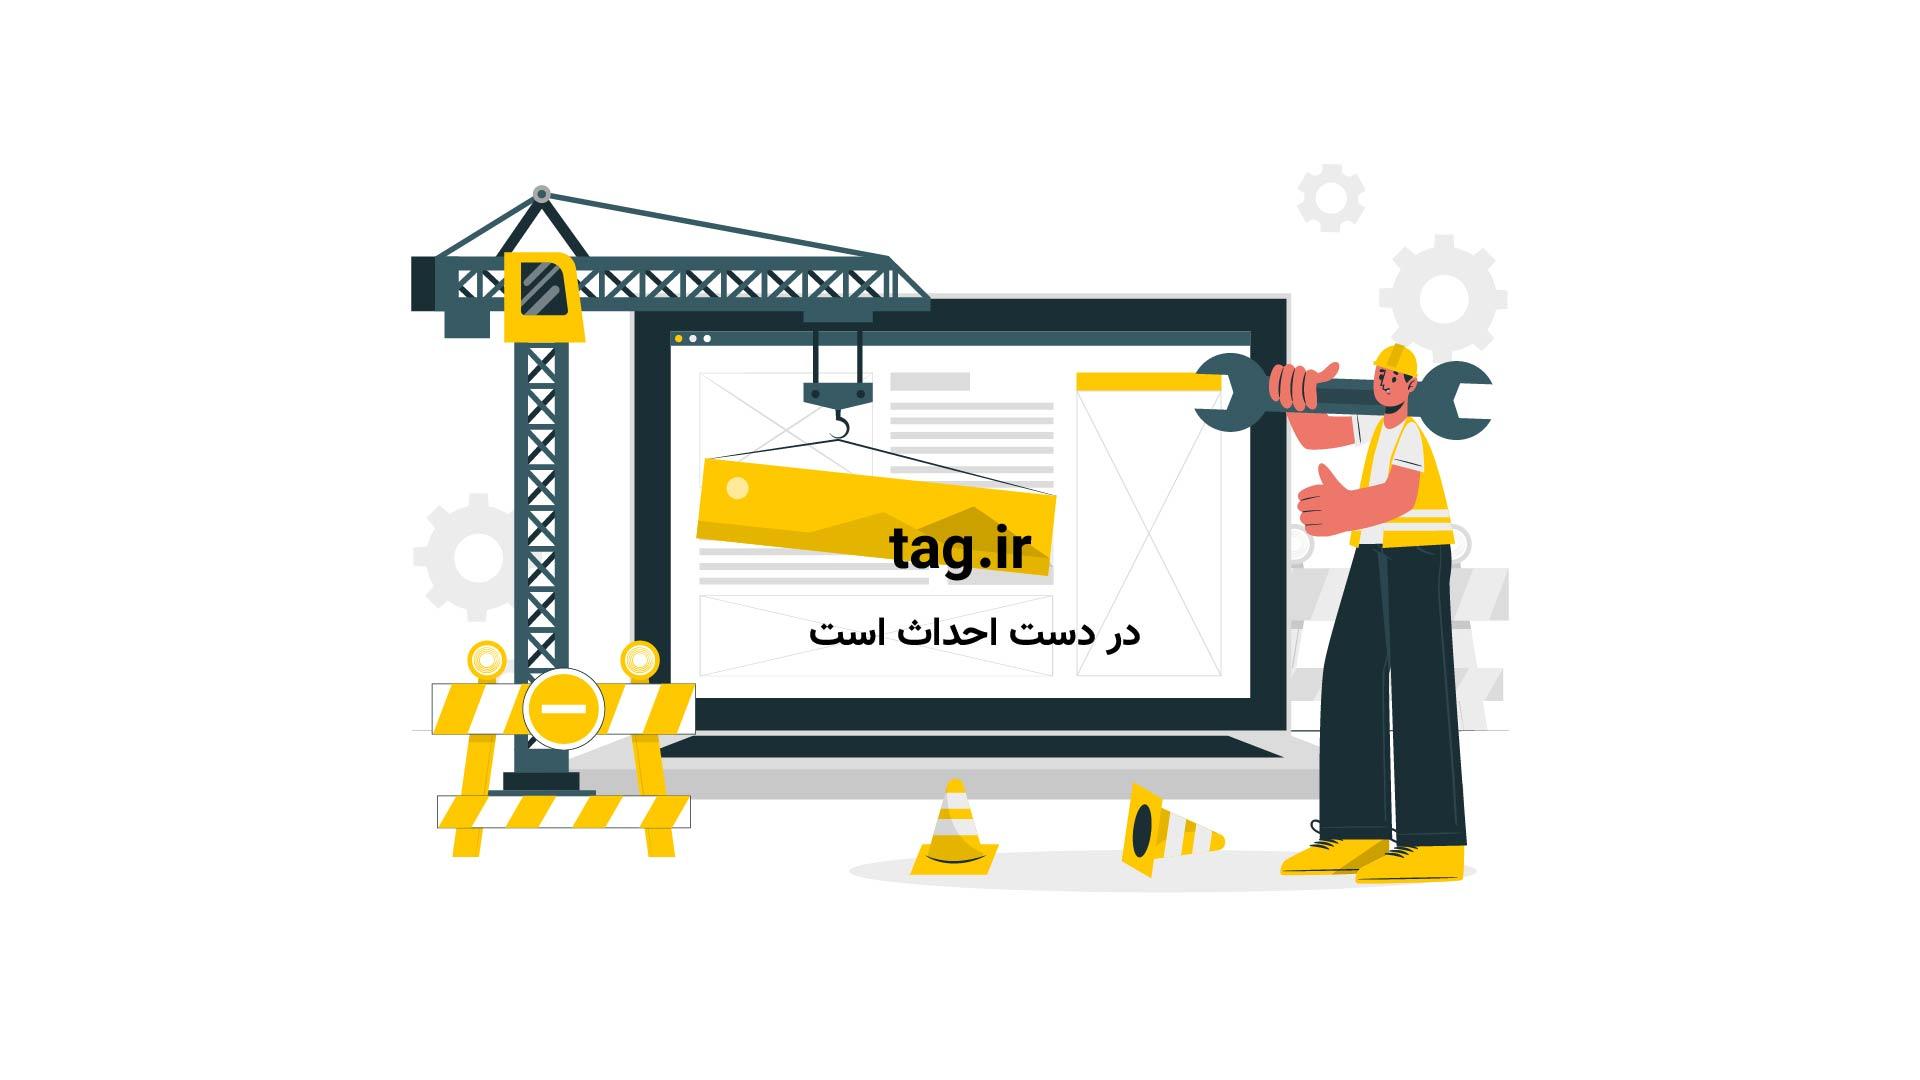 بازی موبایل نبرد باستان | تگ